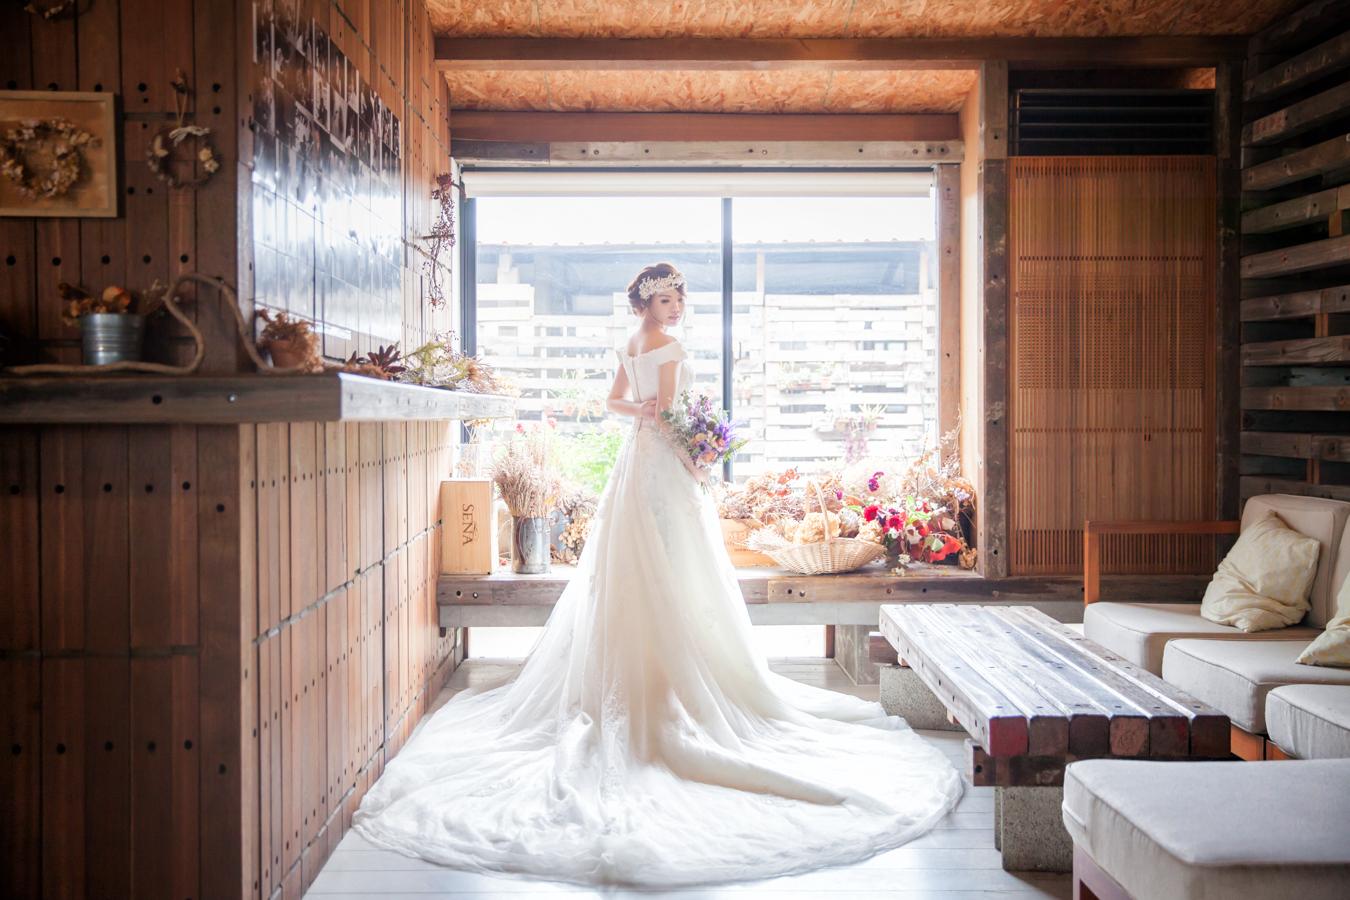 自助婚紗 | 長昆+采誼 PREWEDDING  顏氏牧場 |國內婚紗|台中婚紗